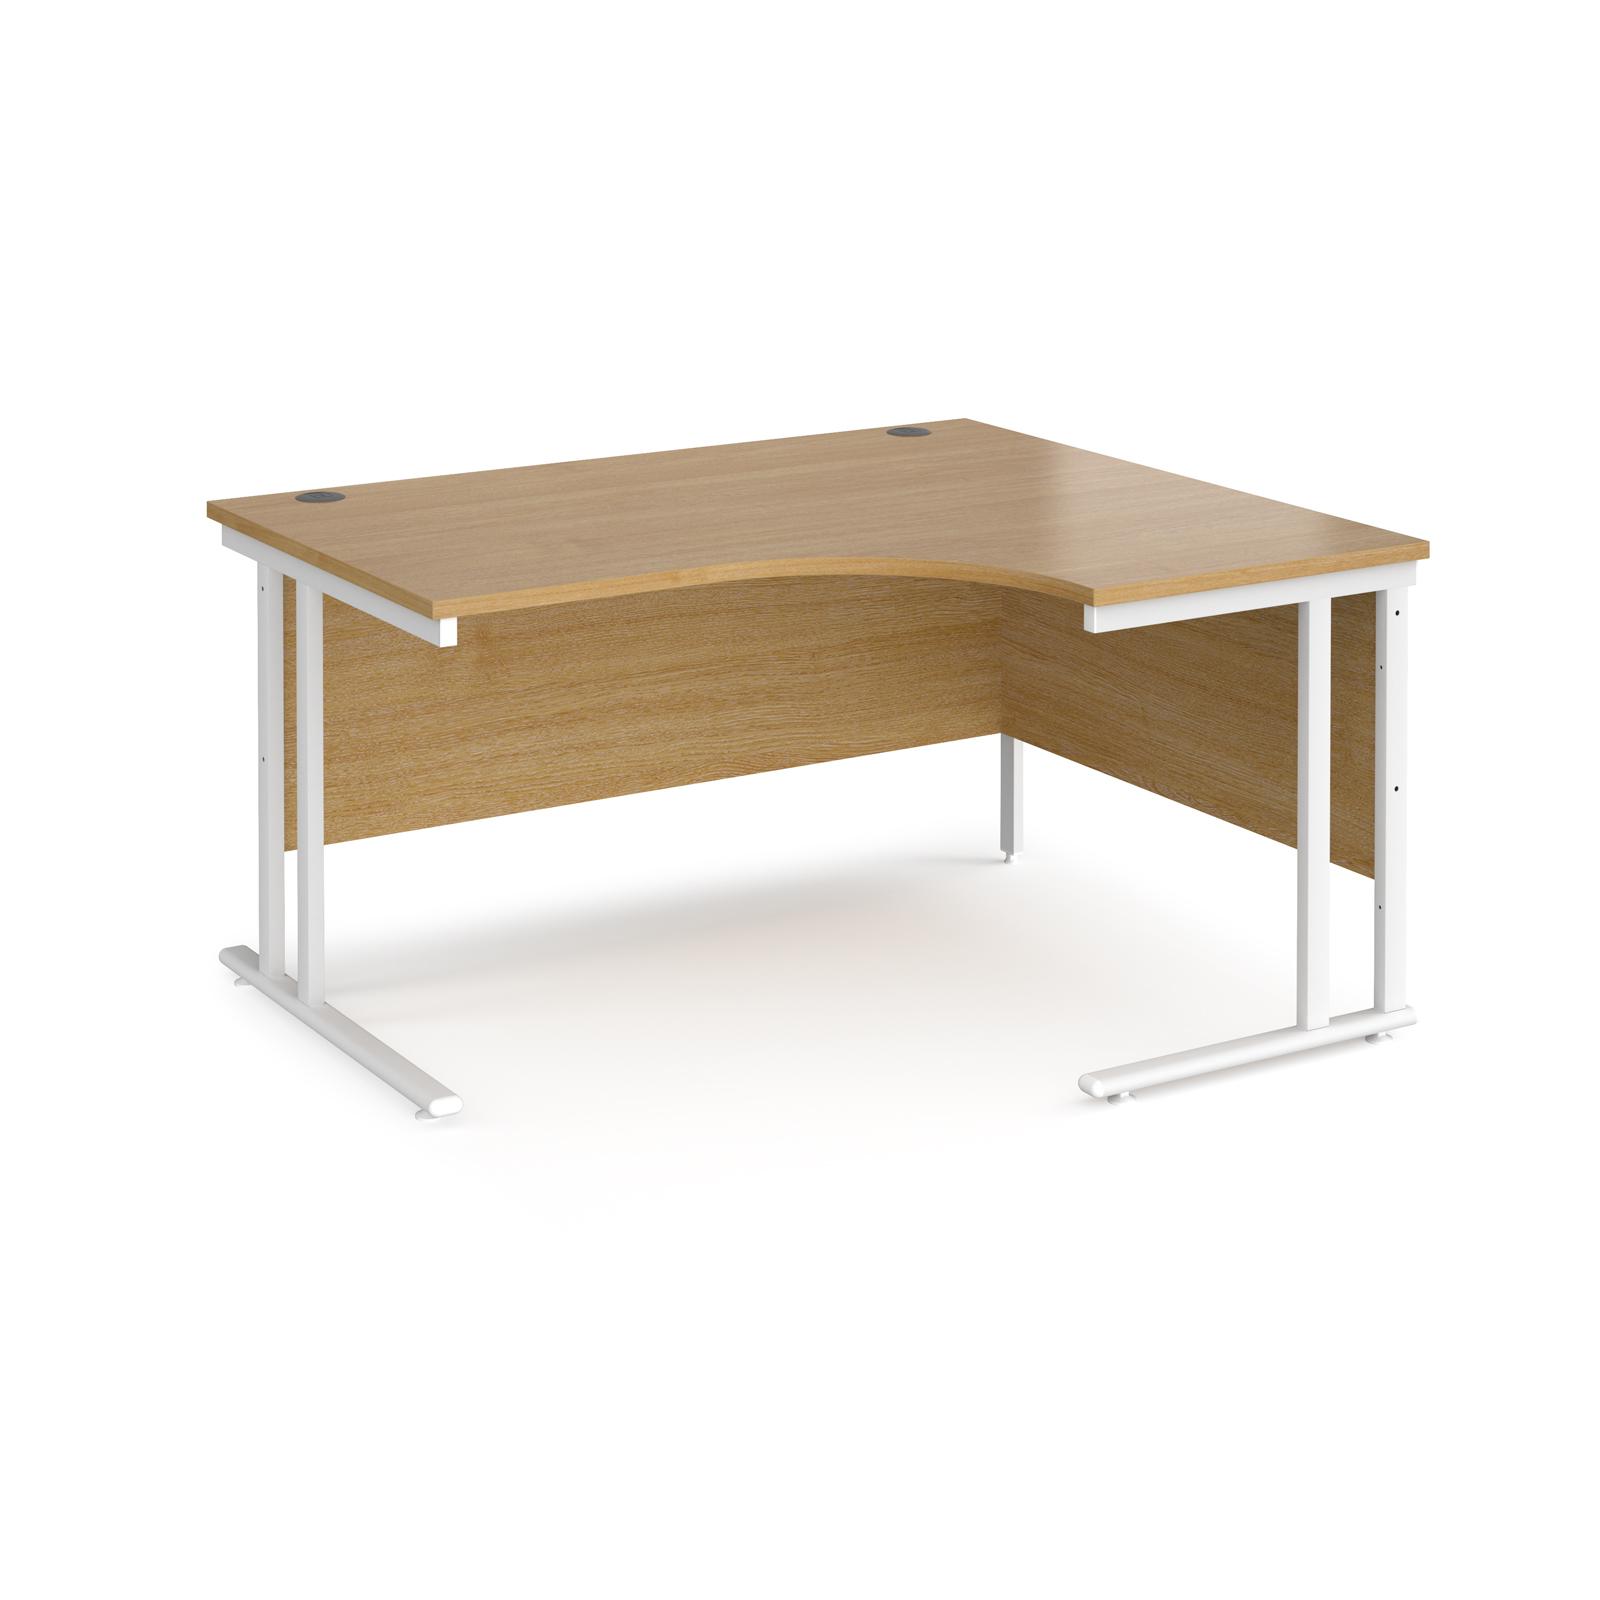 Right Handed Maestro 25 right hand ergonomic desk 1400mm wide - white cantilever leg frame, oak top